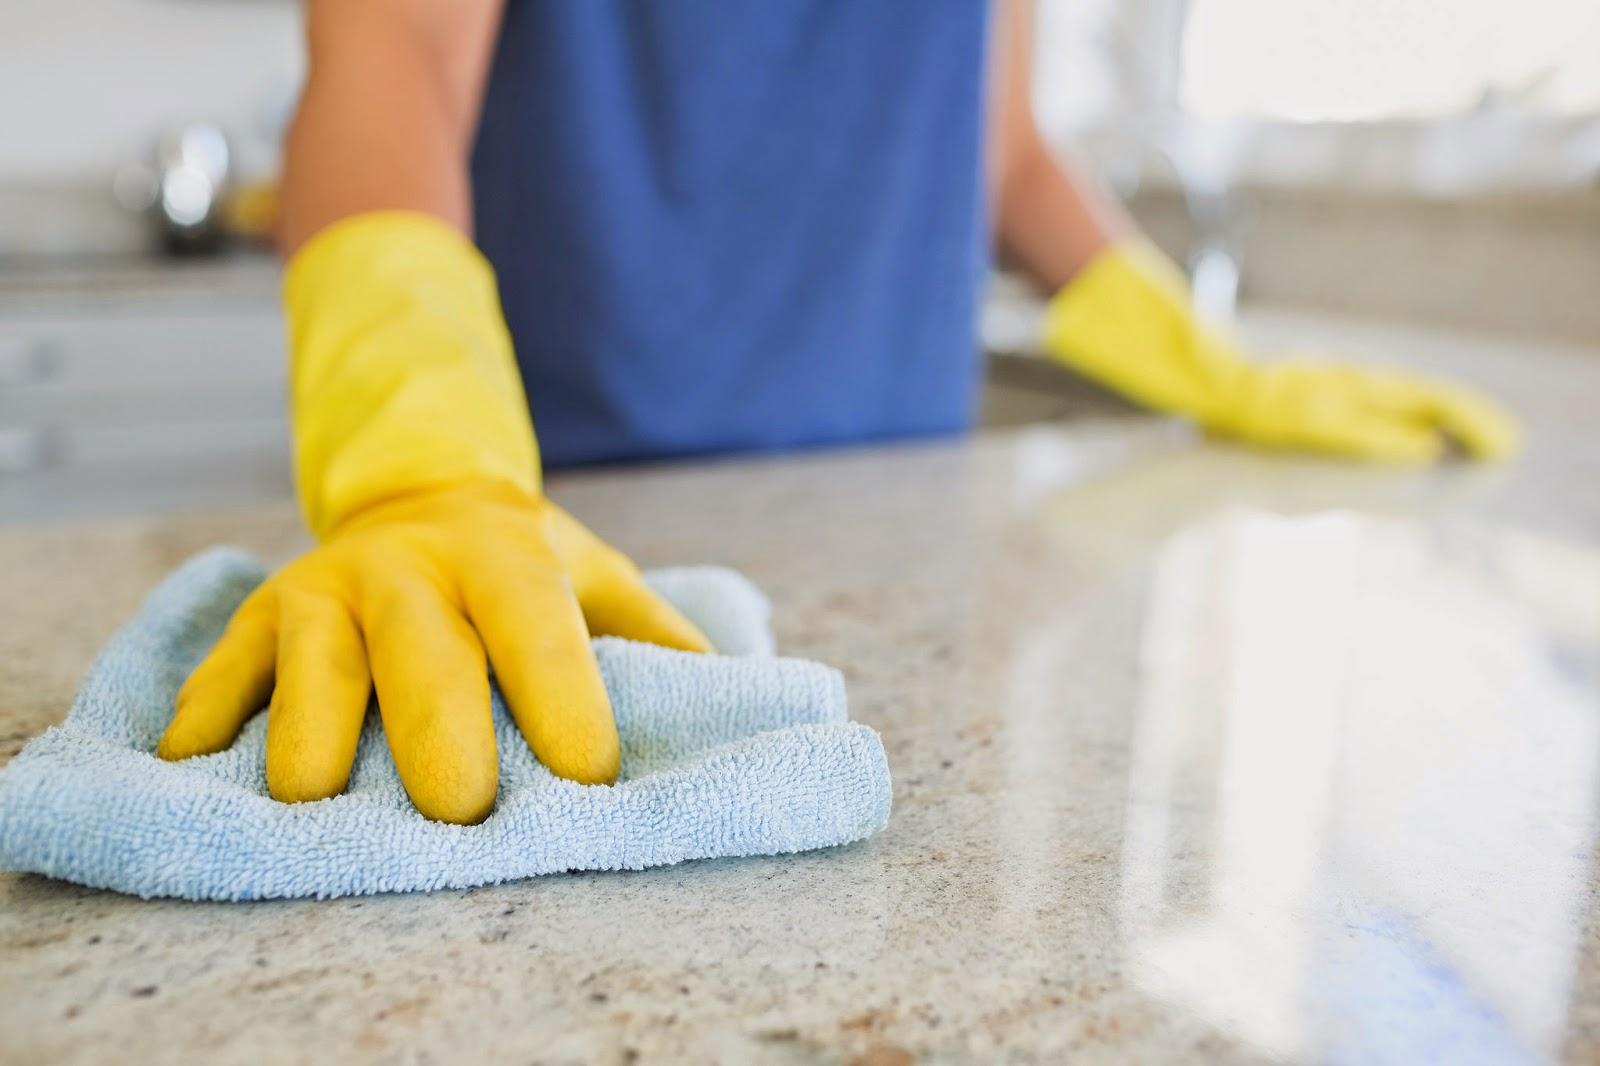 شركة تنظيف شقق بتوك شركة تنظيف بتبوك شركة تنظيف بتبوك 0562460449